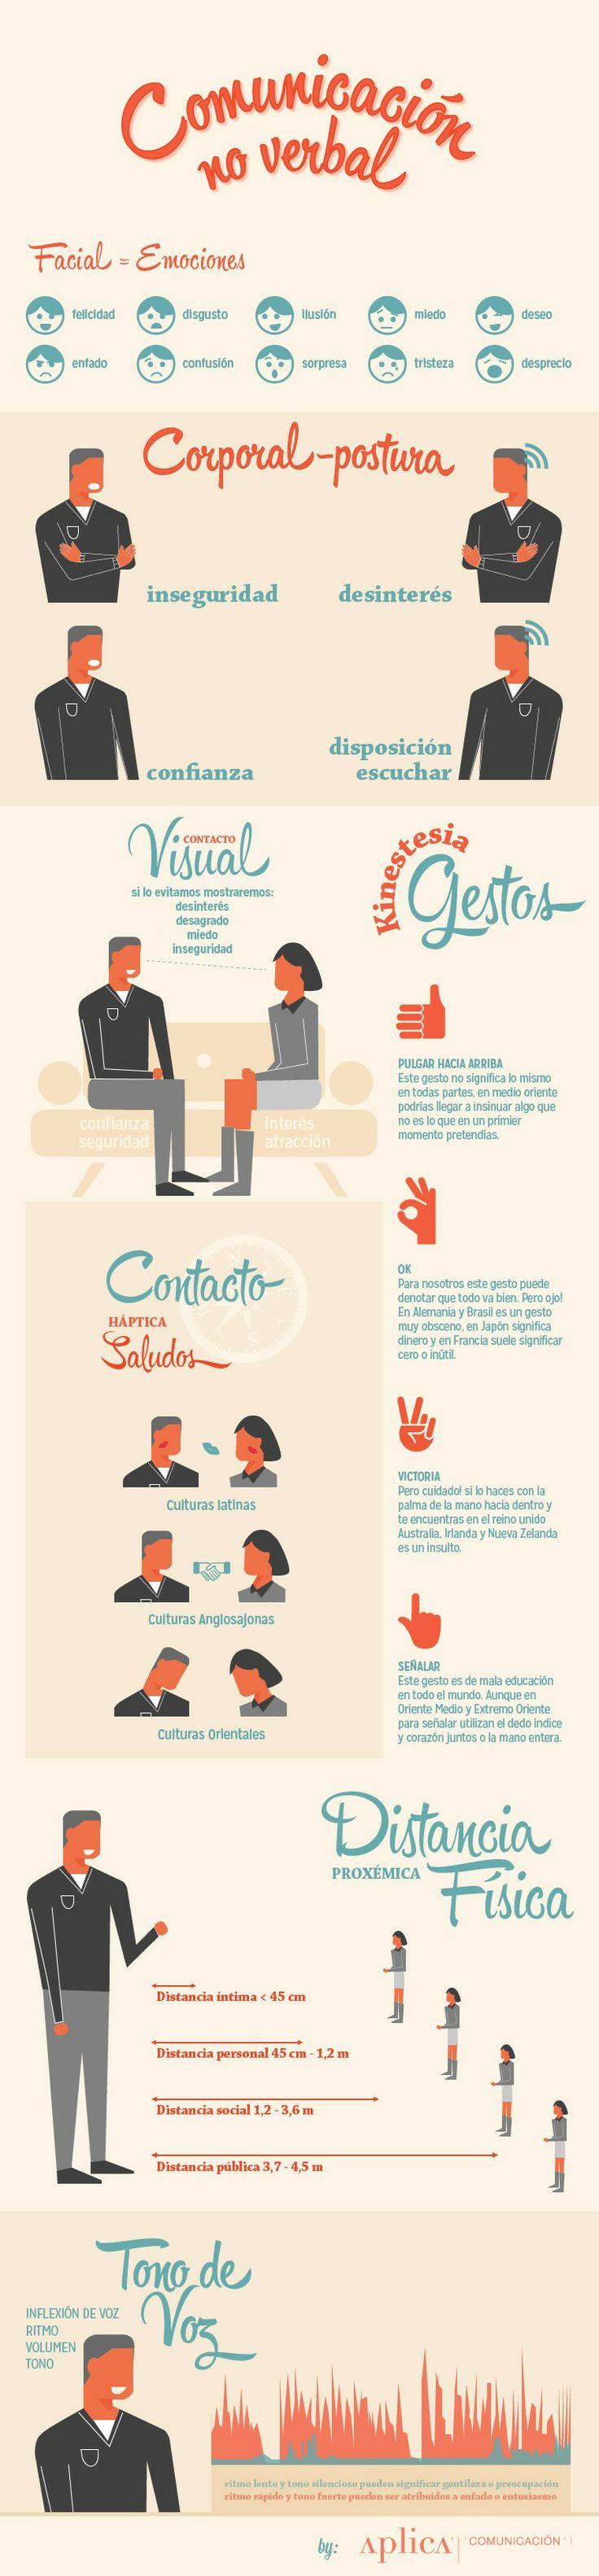 Como especialistas en comunicación, no podemos dejar de lado la comunicación no verbal. Interpreta cada gesto en esta infografía...